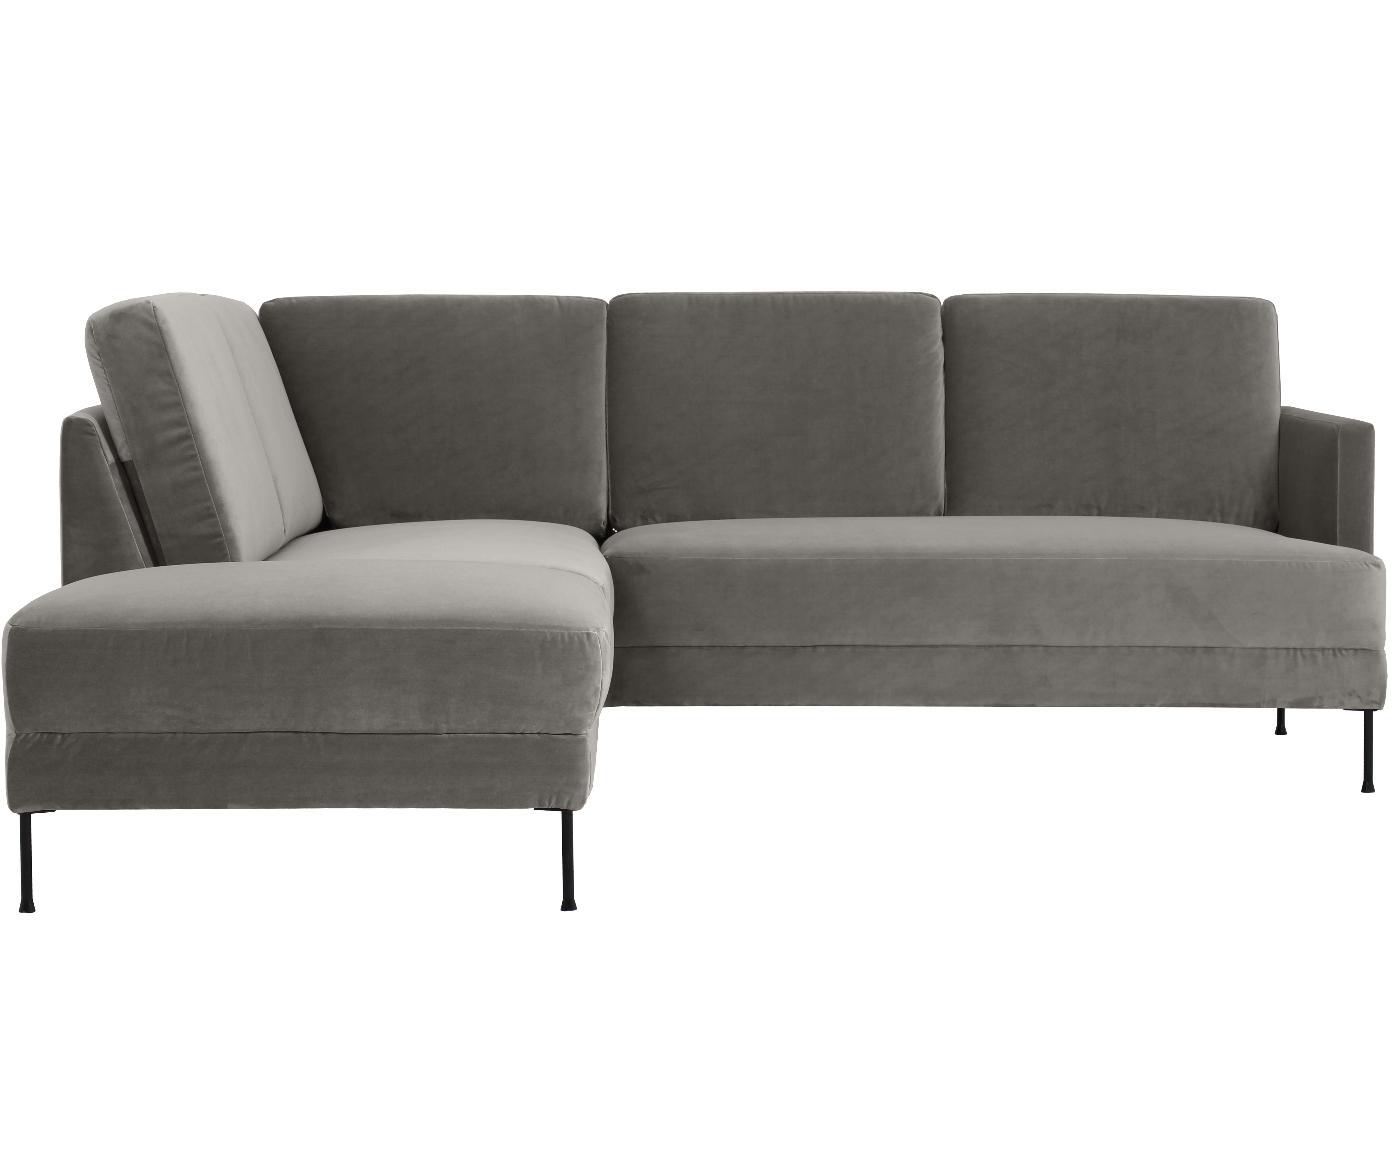 Sofa narożna z aksamitu Fluente, Tapicerka: aksamit (wysokiej jakości, Stelaż: lite drewno sosnowe, Nogi: metal lakierowany, Aksamitny szarobrązowy, S 221 x G 200 cm